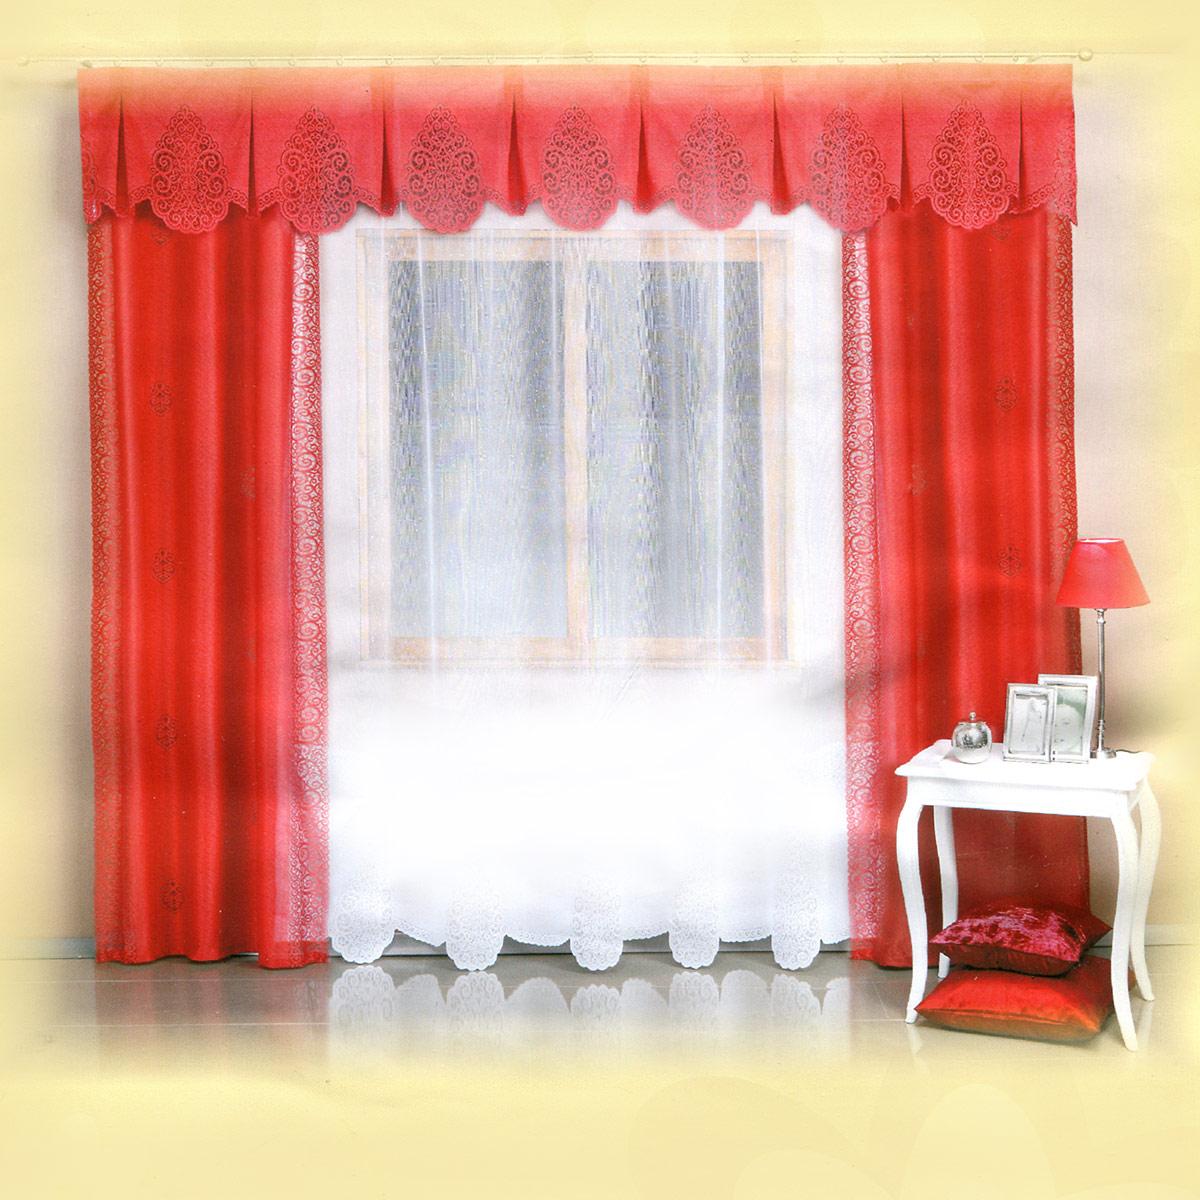 Комплект штор Wisan Wita, на ленте, цвет: алый, белый, высота 250 см5997 тюль - белая, шторы алыеРоскошный комплект штор Wisan Wita, выполненный из полиэстера, великолепно украсит любое окно. Комплект состоит из двух штор, тюля и ламбрекена. Шторы выполнены из полиэстера и декорированы ажурными вставками. Тюль с фигурными ажурными краями выполнен из полупрозрачной ткани белого цвета. Фигурный ламбрекен выполнен из ажурной ткани.Нежная воздушная текстура, оригинальный дизайн и нежная цветовая гамма привлекут к себе внимание и органично впишутся в интерьер комнаты. Все предметы комплекта - на шторной ленте для собирания в сборки.